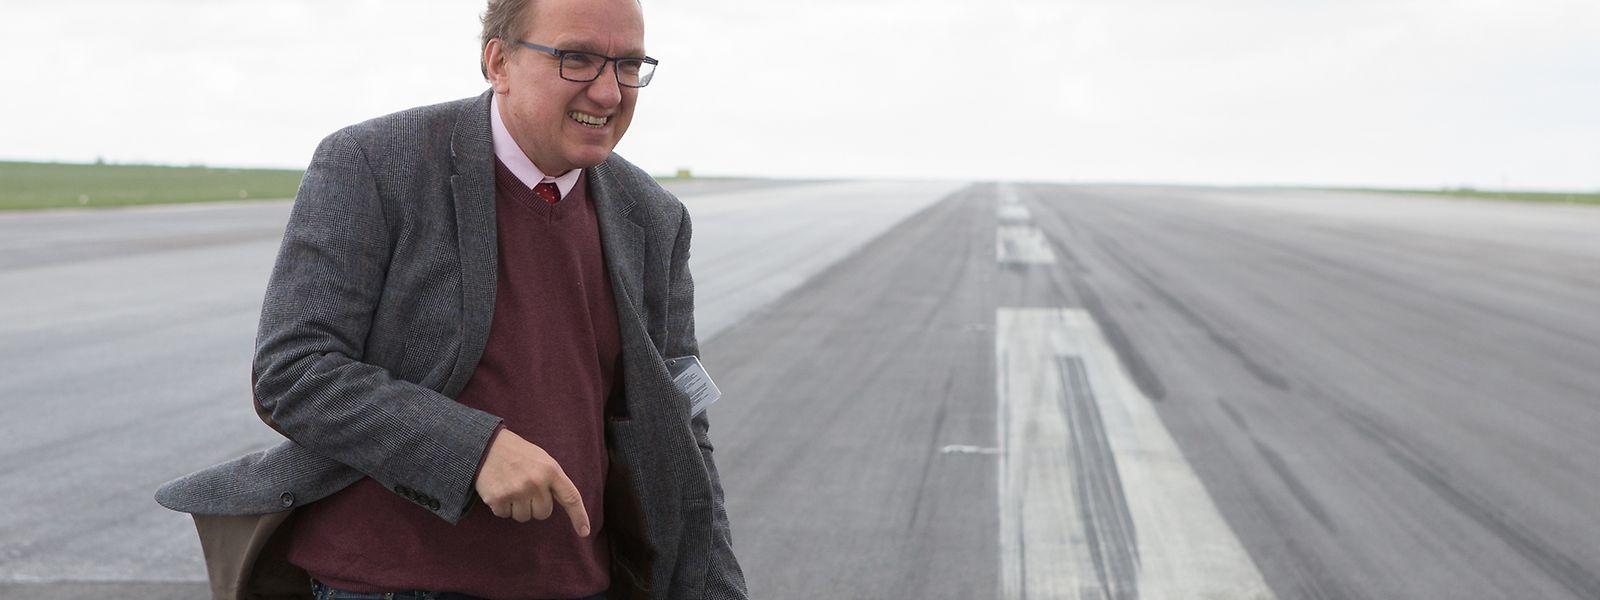 Roland Fox ist beigeordneter Direktor der Straßenbauverwaltung und wurde vom Infrastrukturminister zum Projektleiter für die Sanierung berufen.